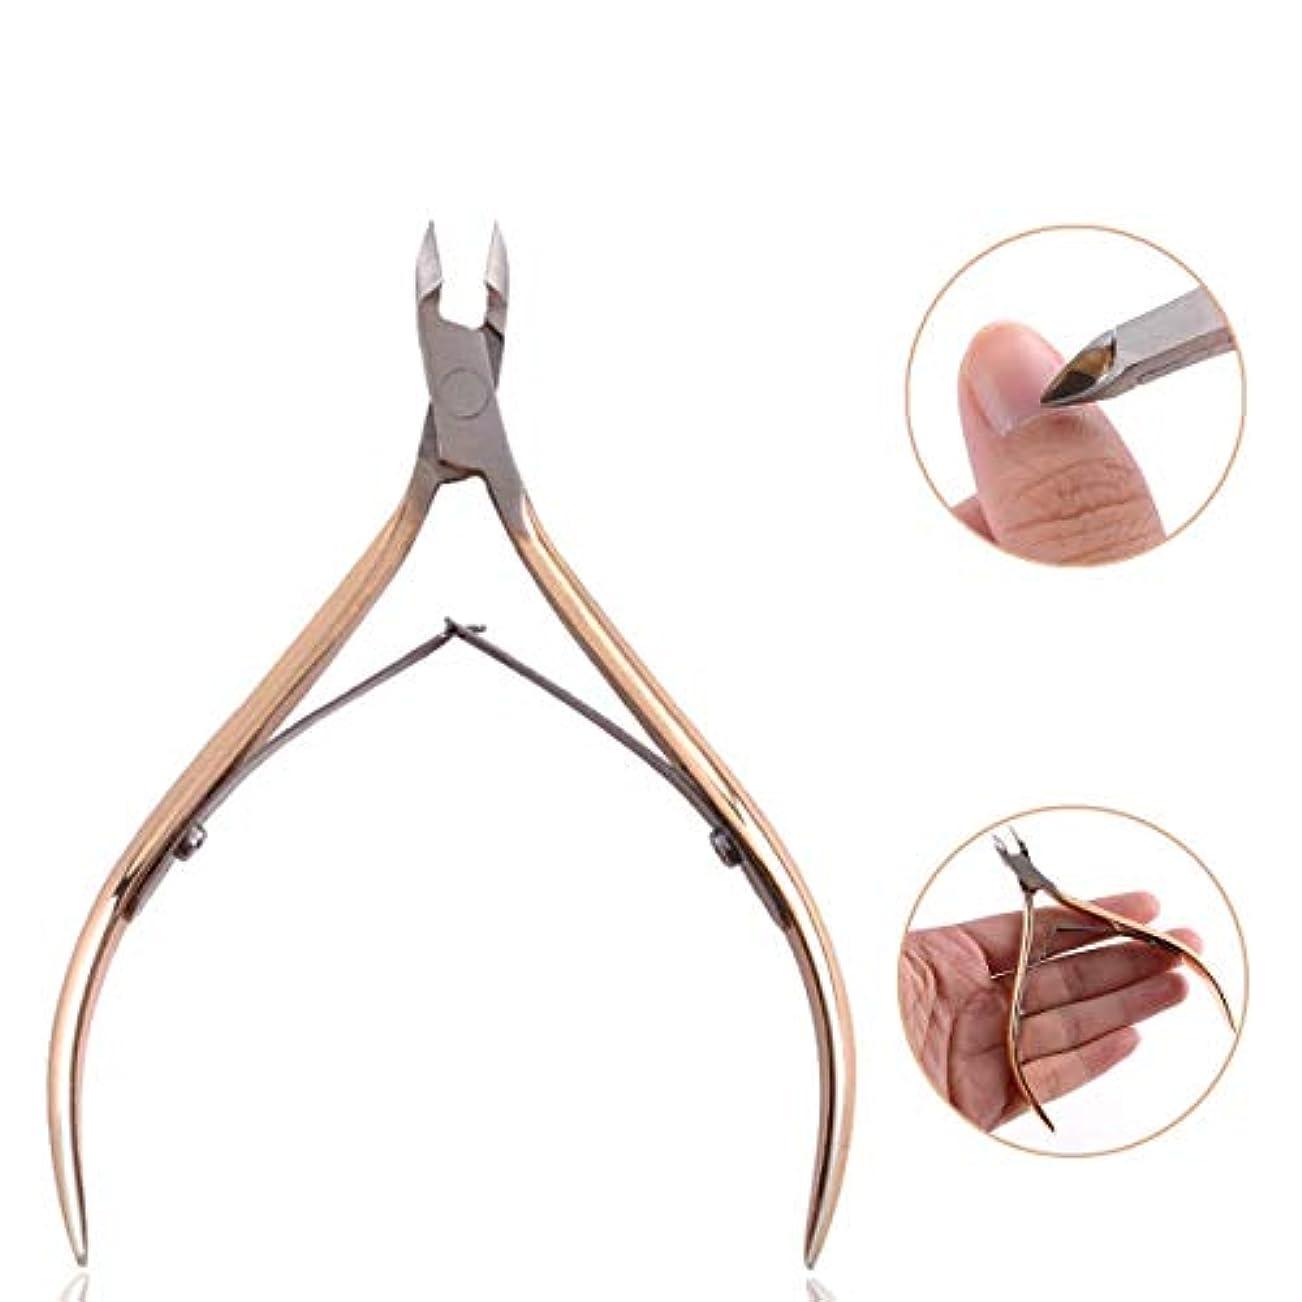 干渉最大不定ニッパー爪切り 爪切り 甘皮切り ステンレス製 切れ味抜群 厚い爪 変形爪 陥入爪 巻き爪に 水虫爪最適 高齢者 医療 介護 高品質 ギフト